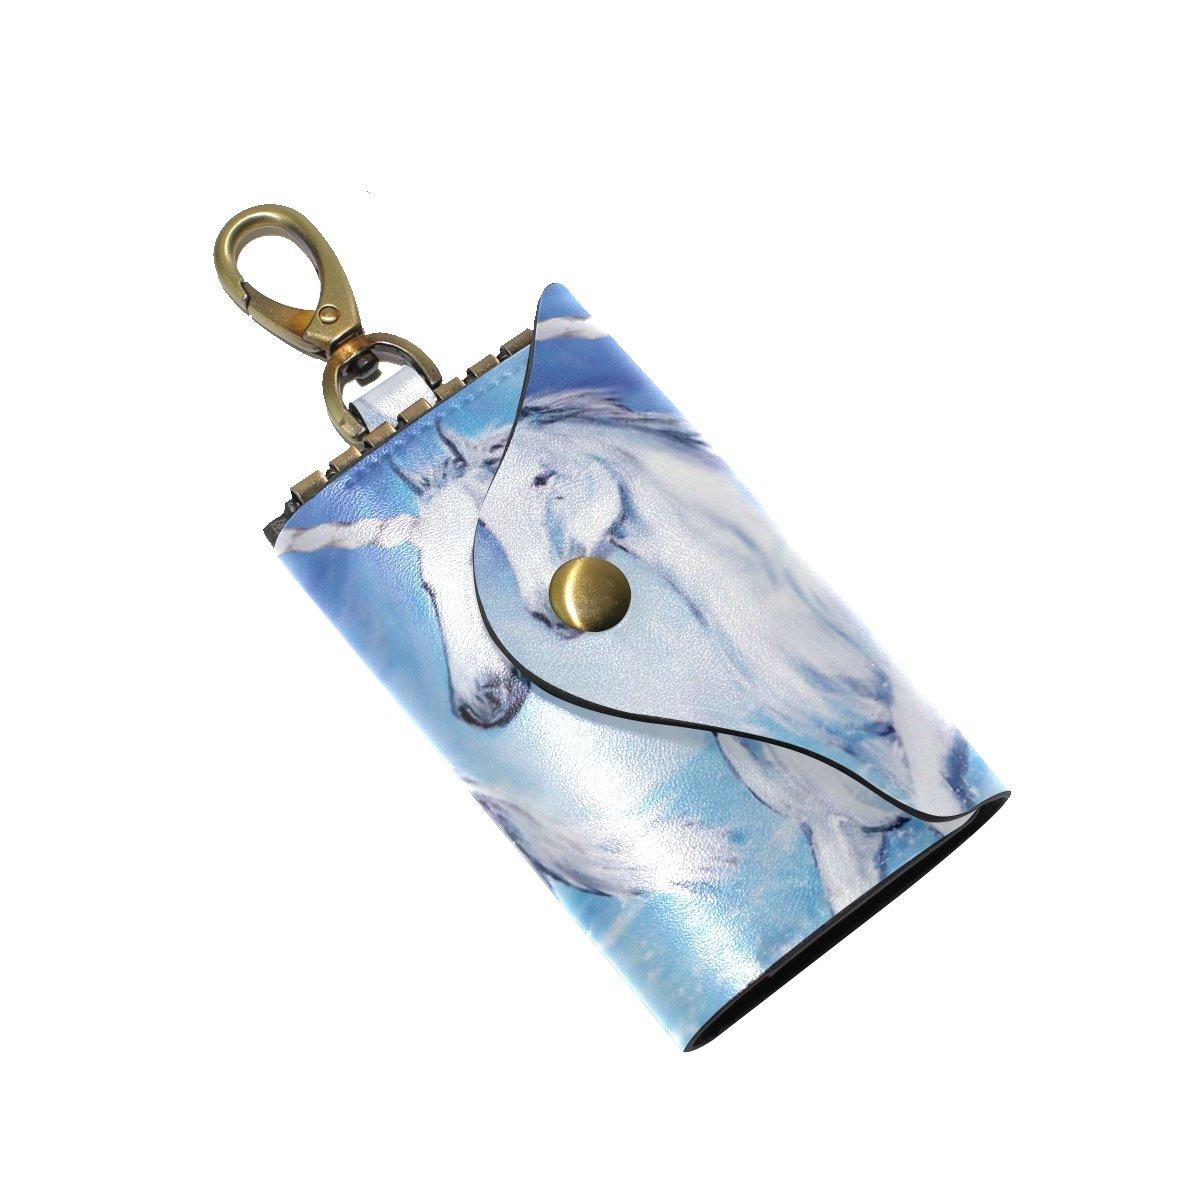 DEYYA Unicorn Leather Key Case Wallets Unisex Keychain Key Holder with 6 Hooks Snap Closure